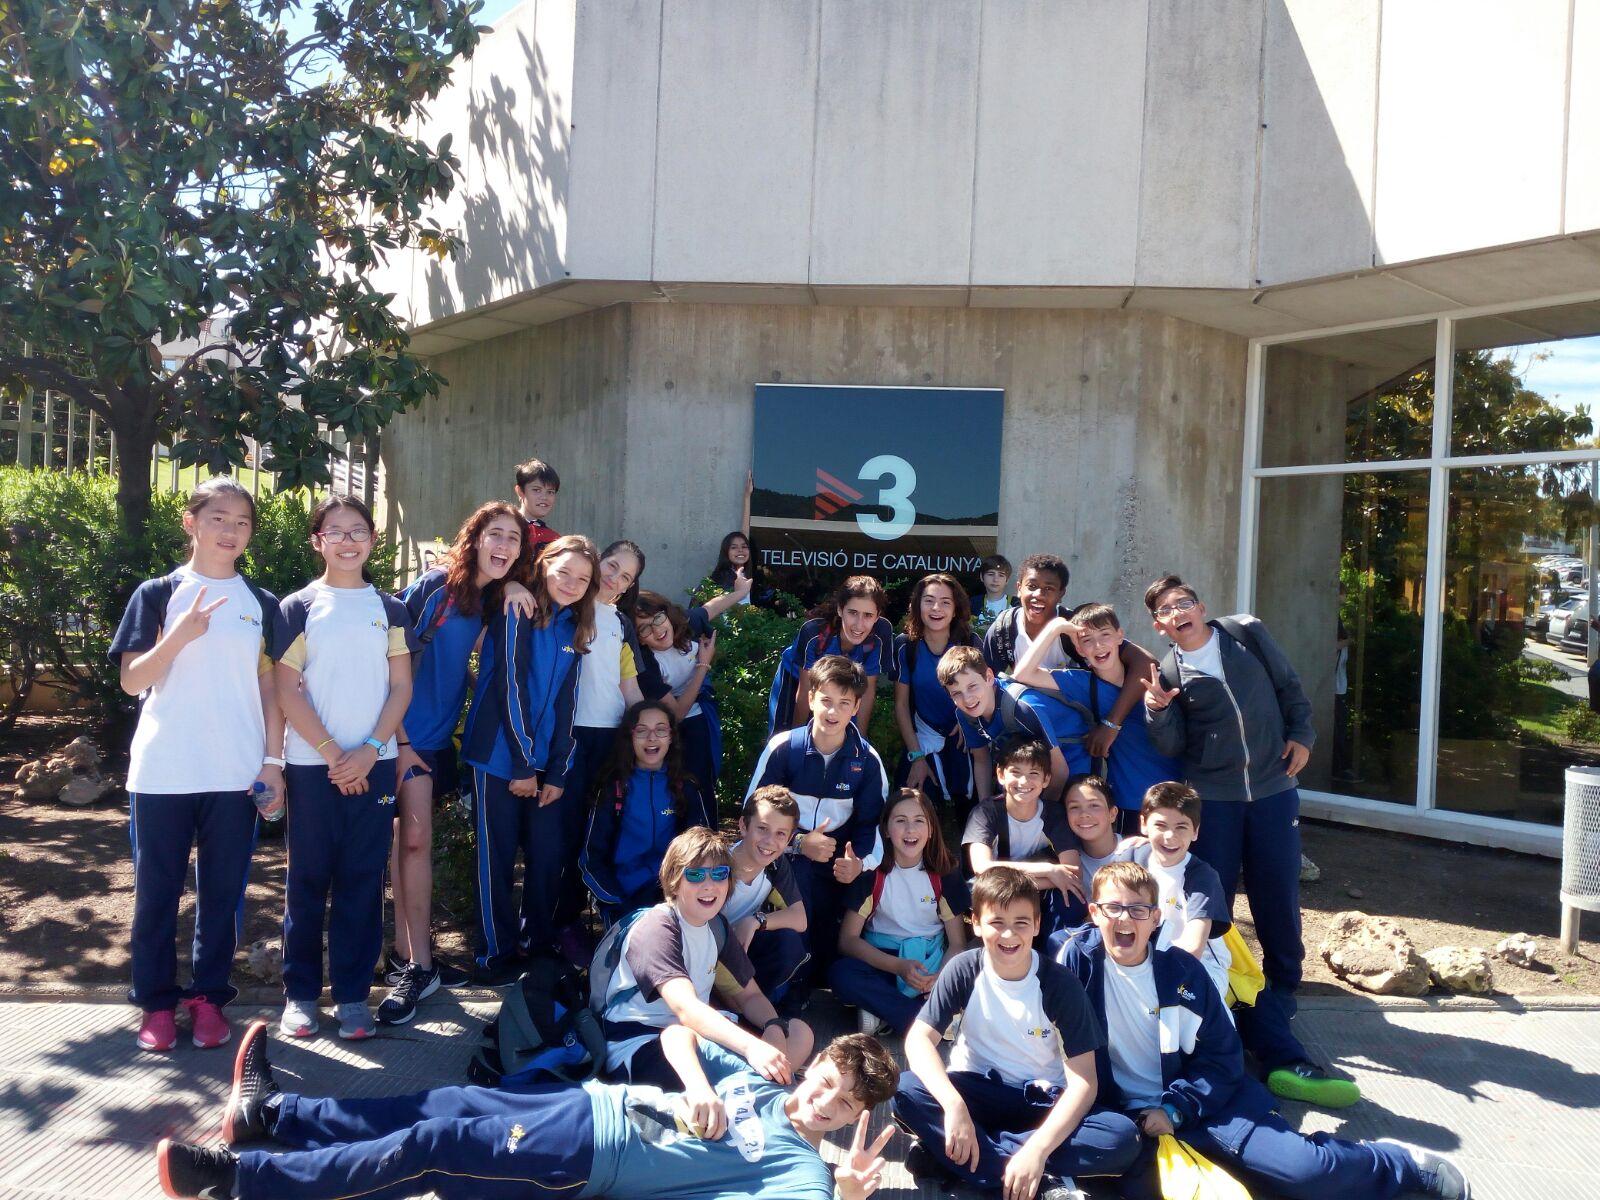 Els alumnes de 6è de primària visiten les instal·lacions de TV3